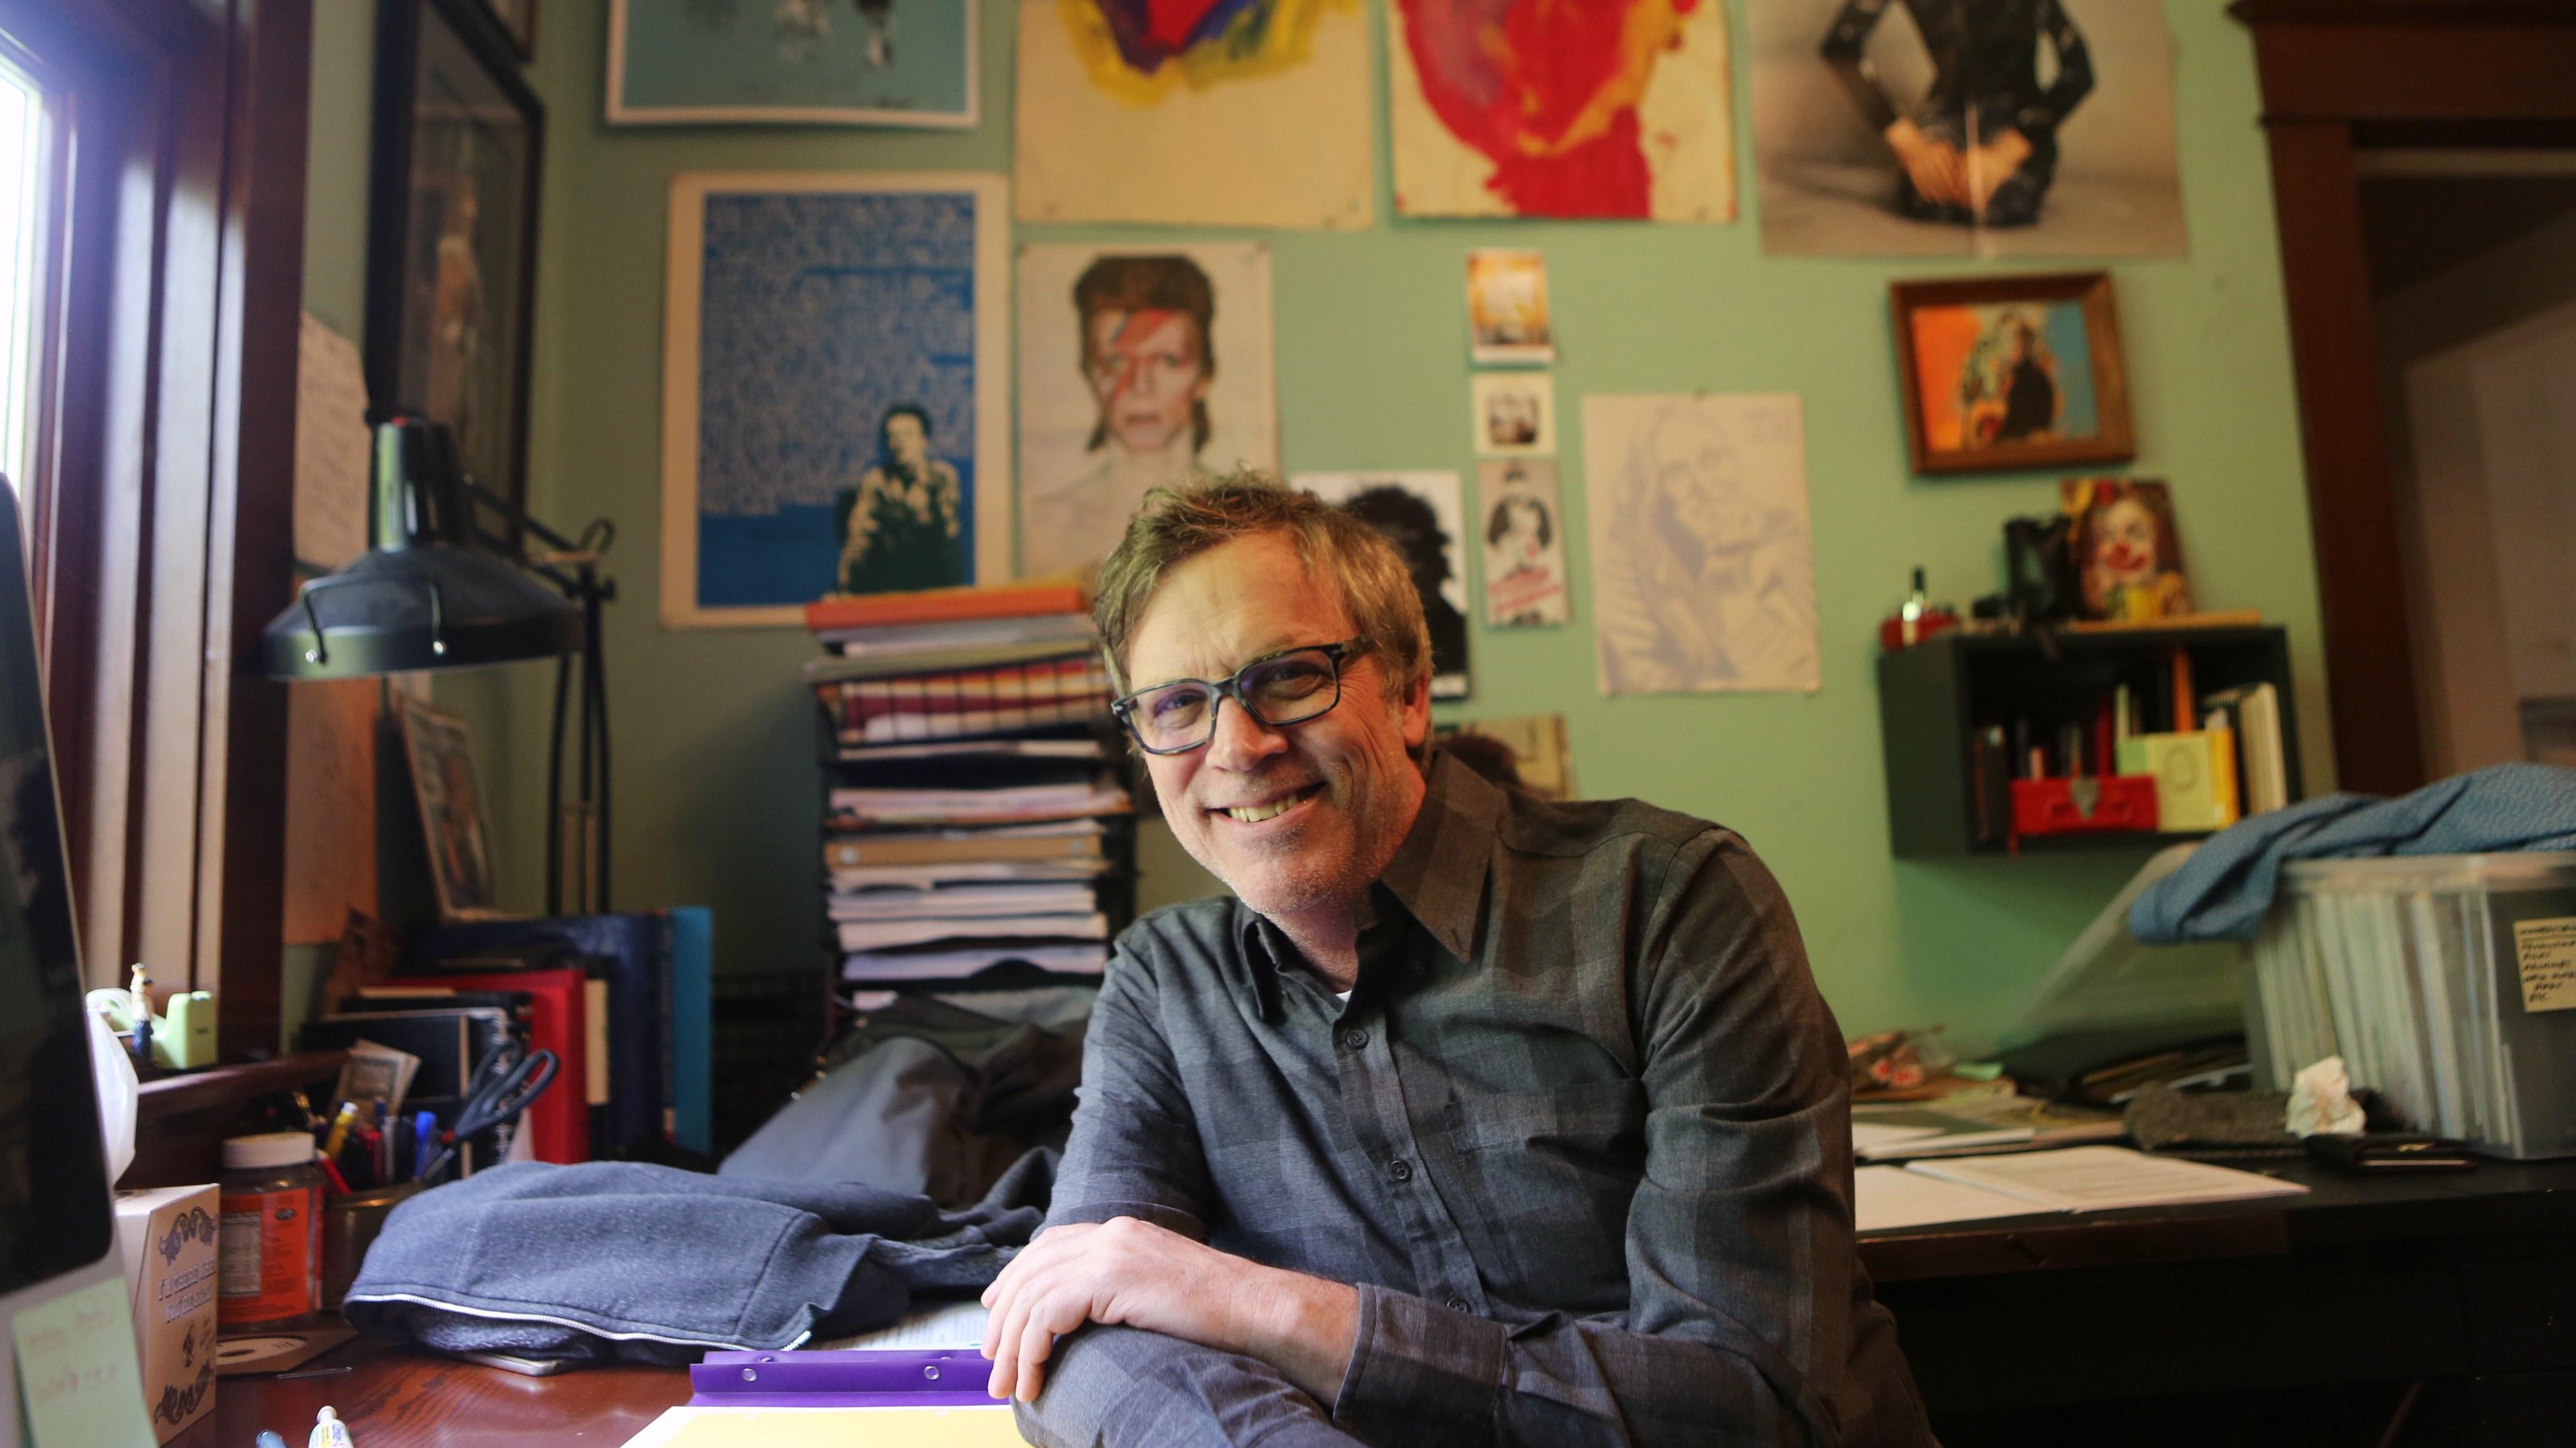 تاد هینز داستان Dry Run را کارگردانی میکند